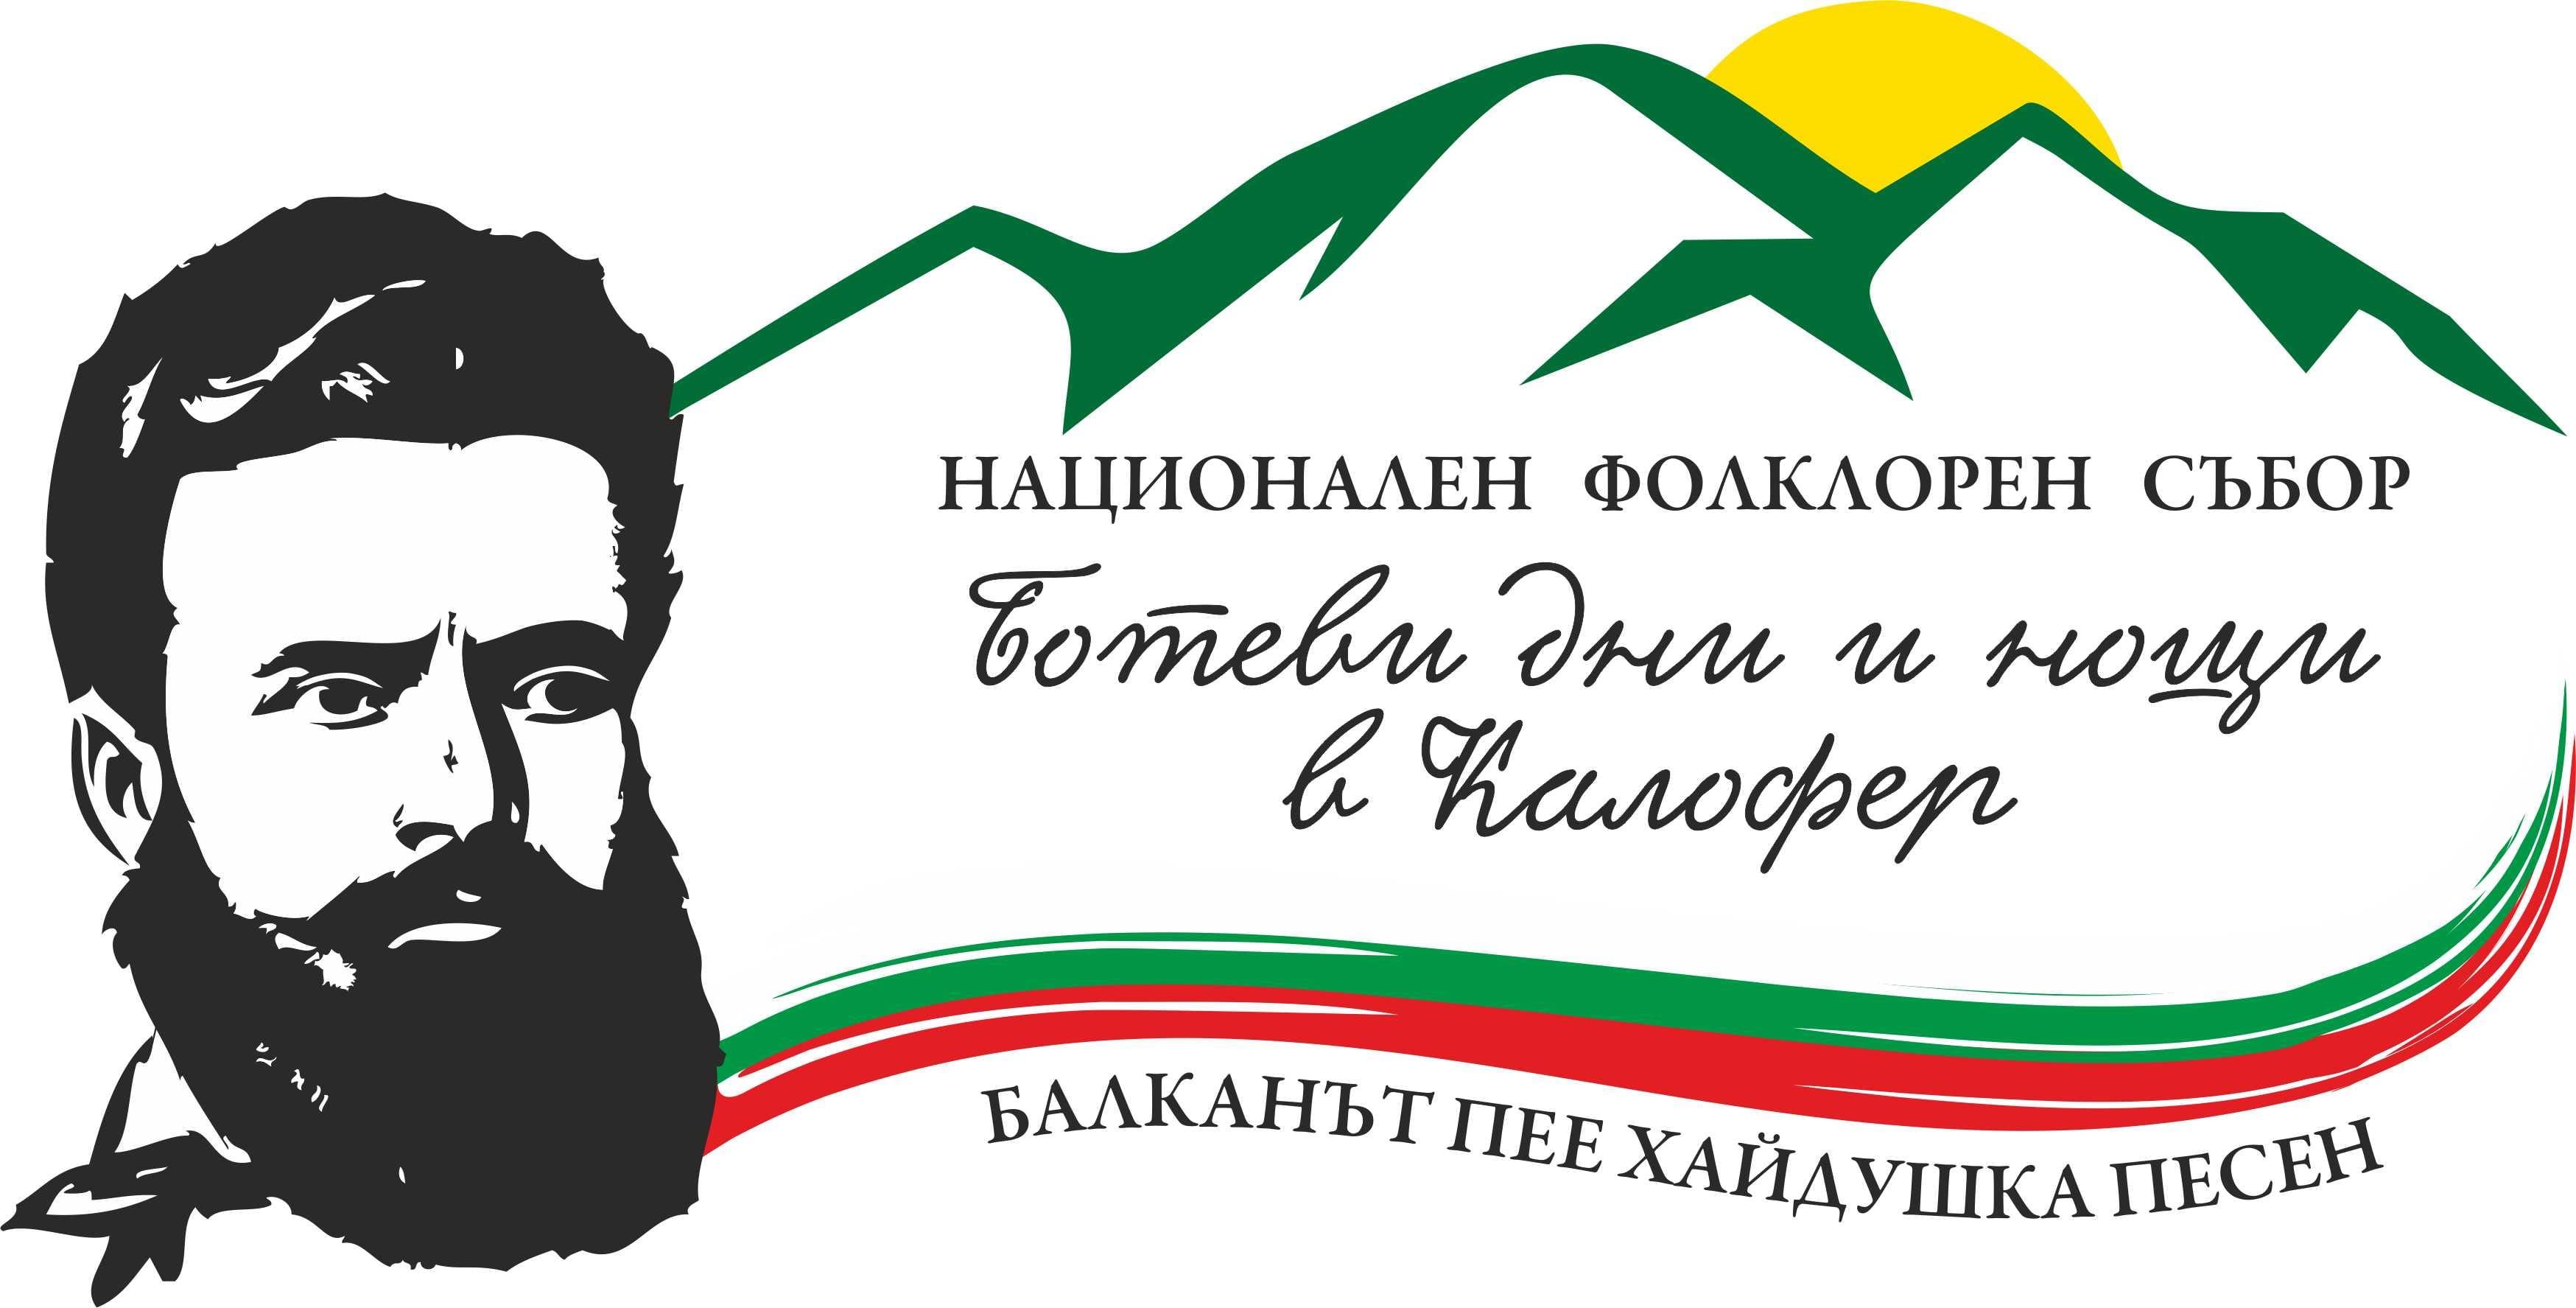 Botevi dni i noshti logo1